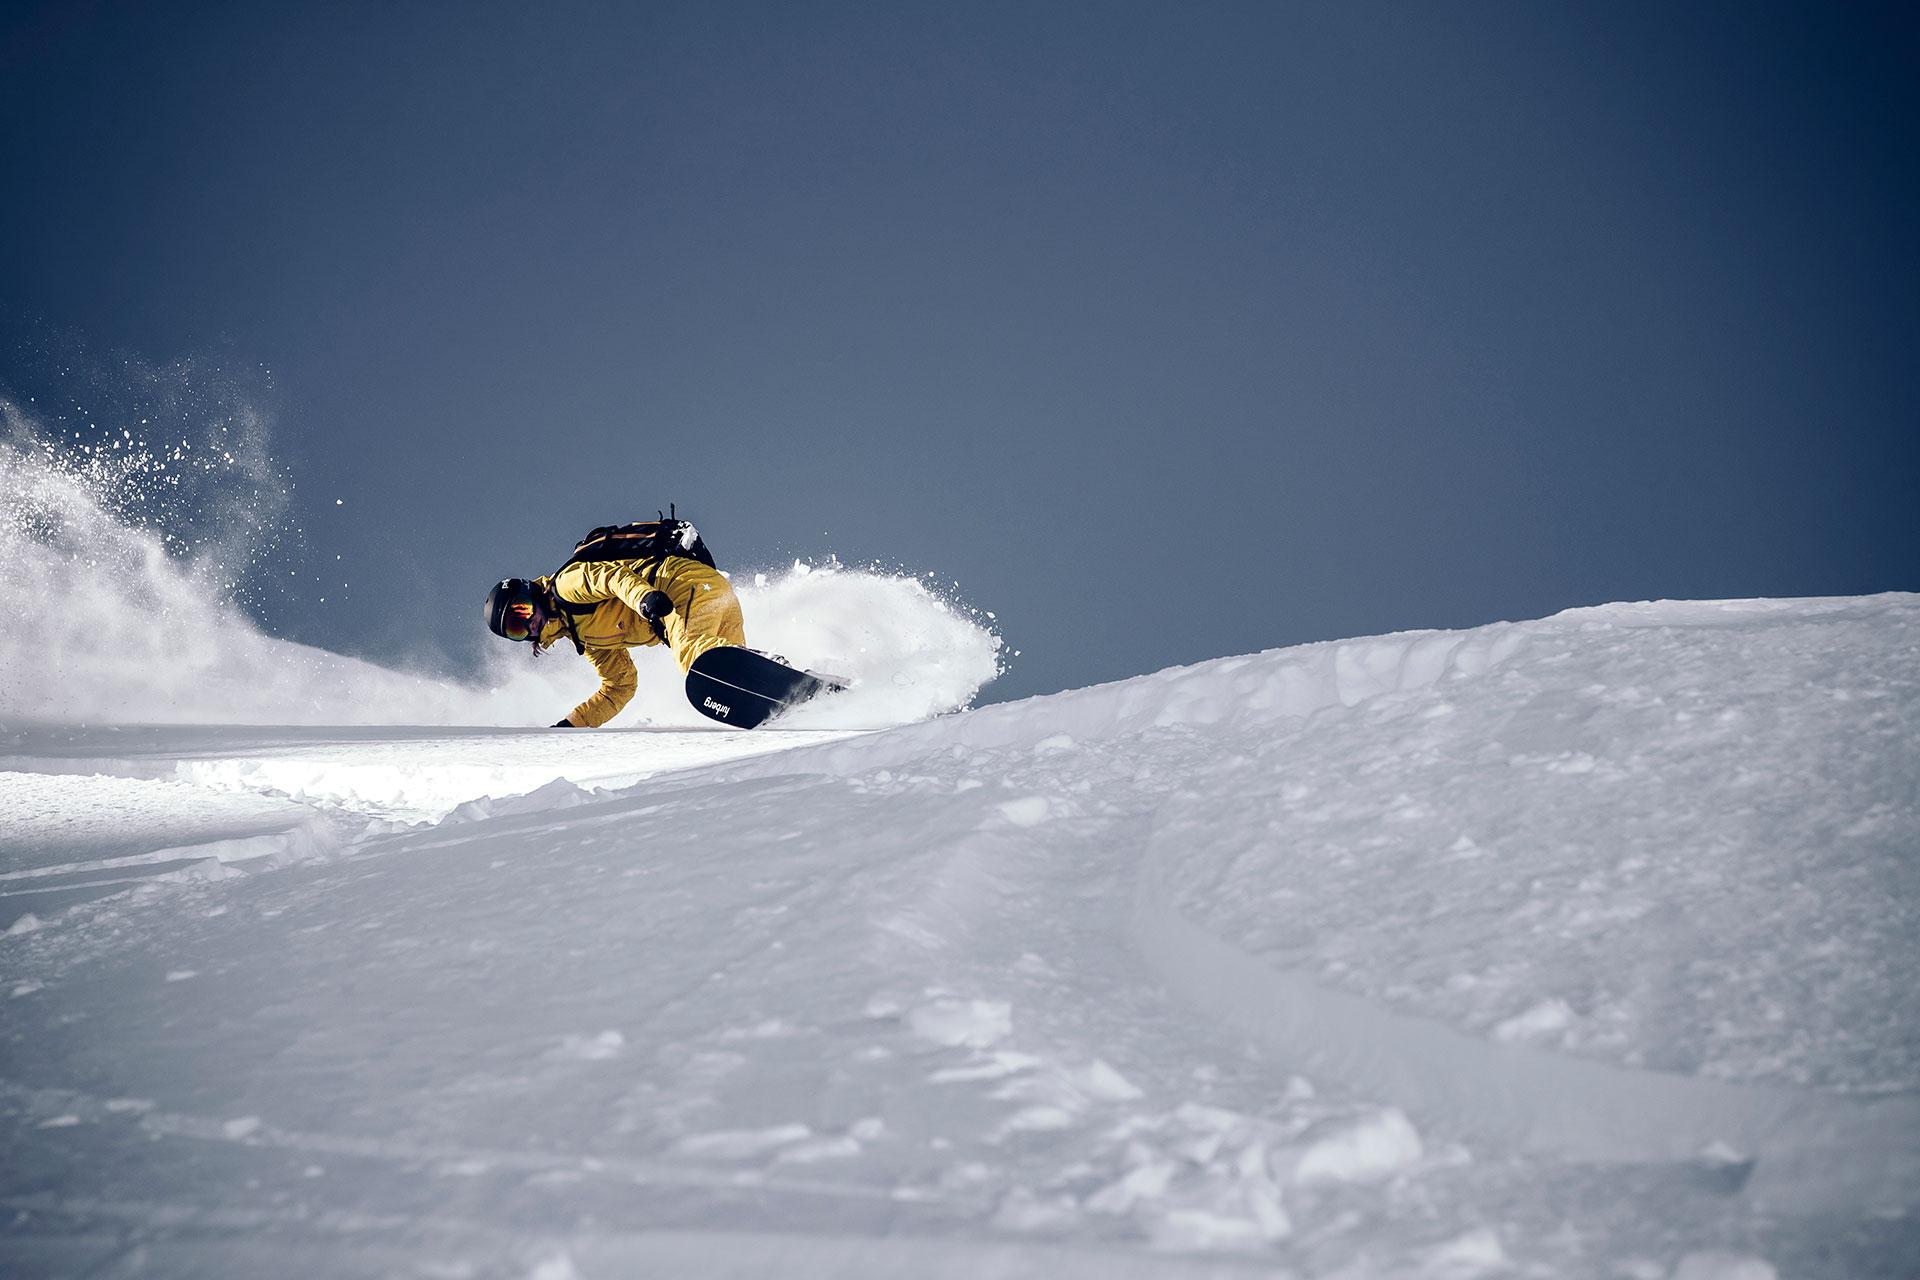 Snowboard Fotograf Aktion Freeride Powder Tiefschnee Zürich Schweiz Ski Outdoor